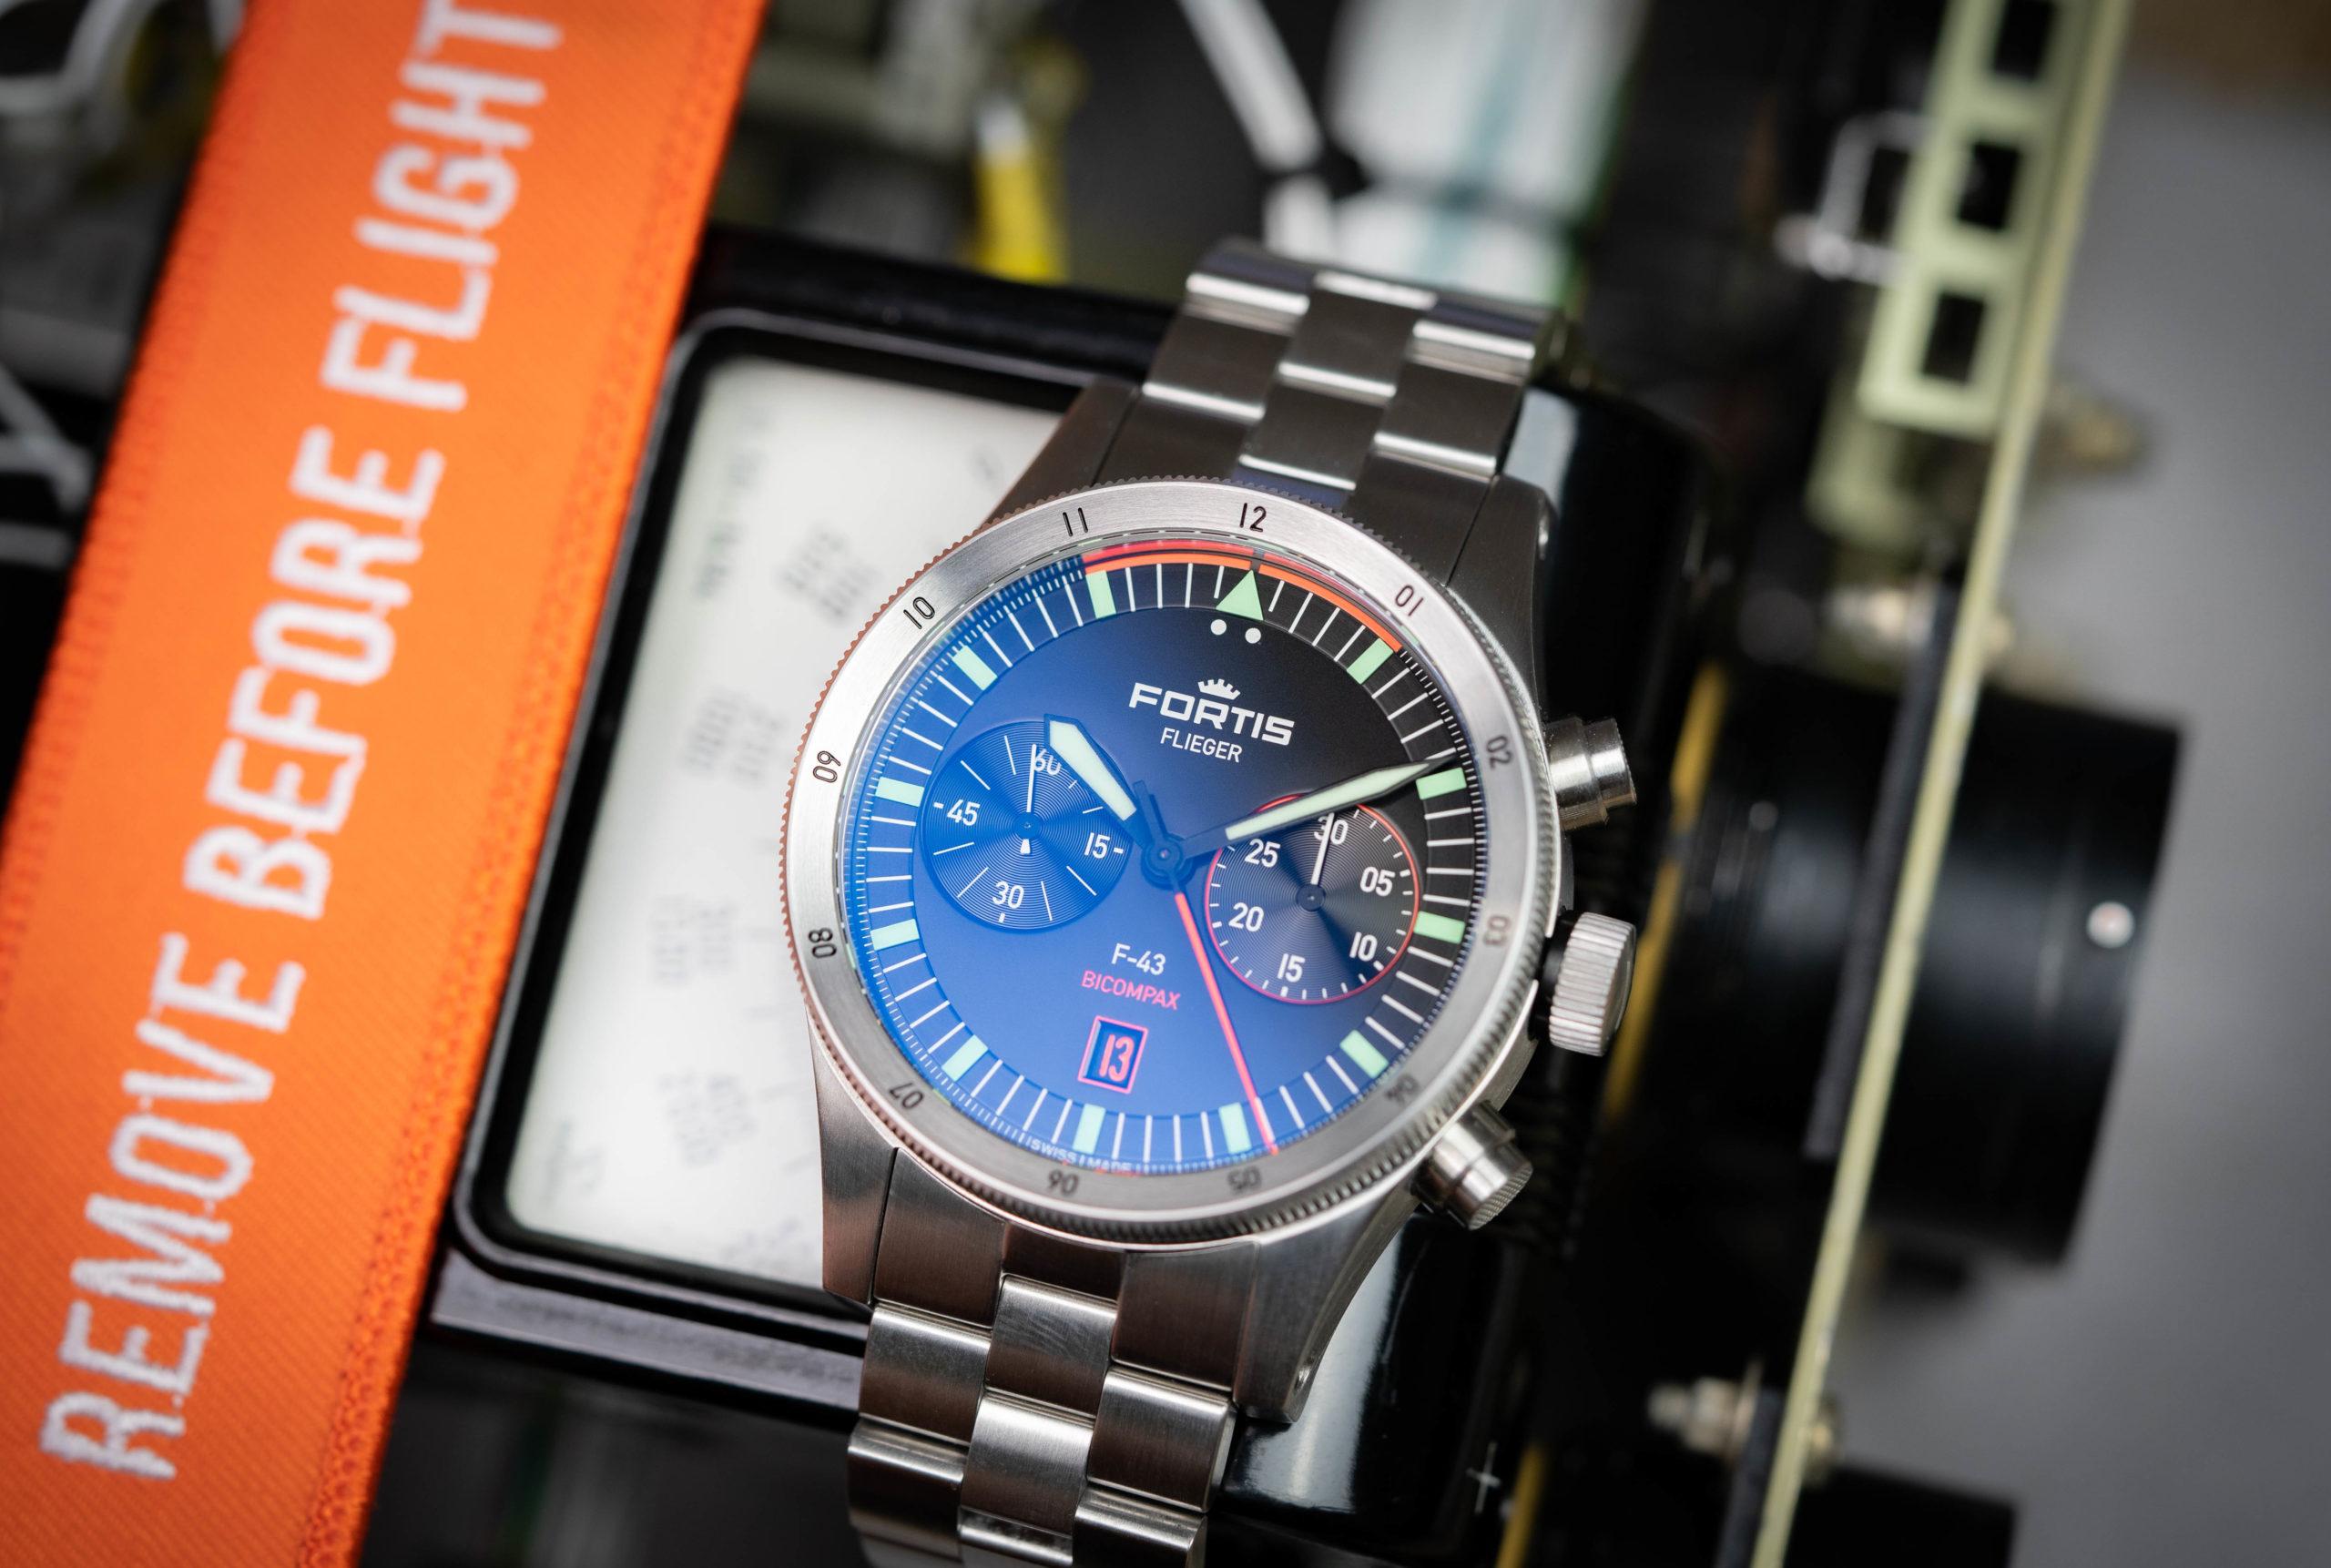 Fortis-Flieger-Automatik-Chronograph